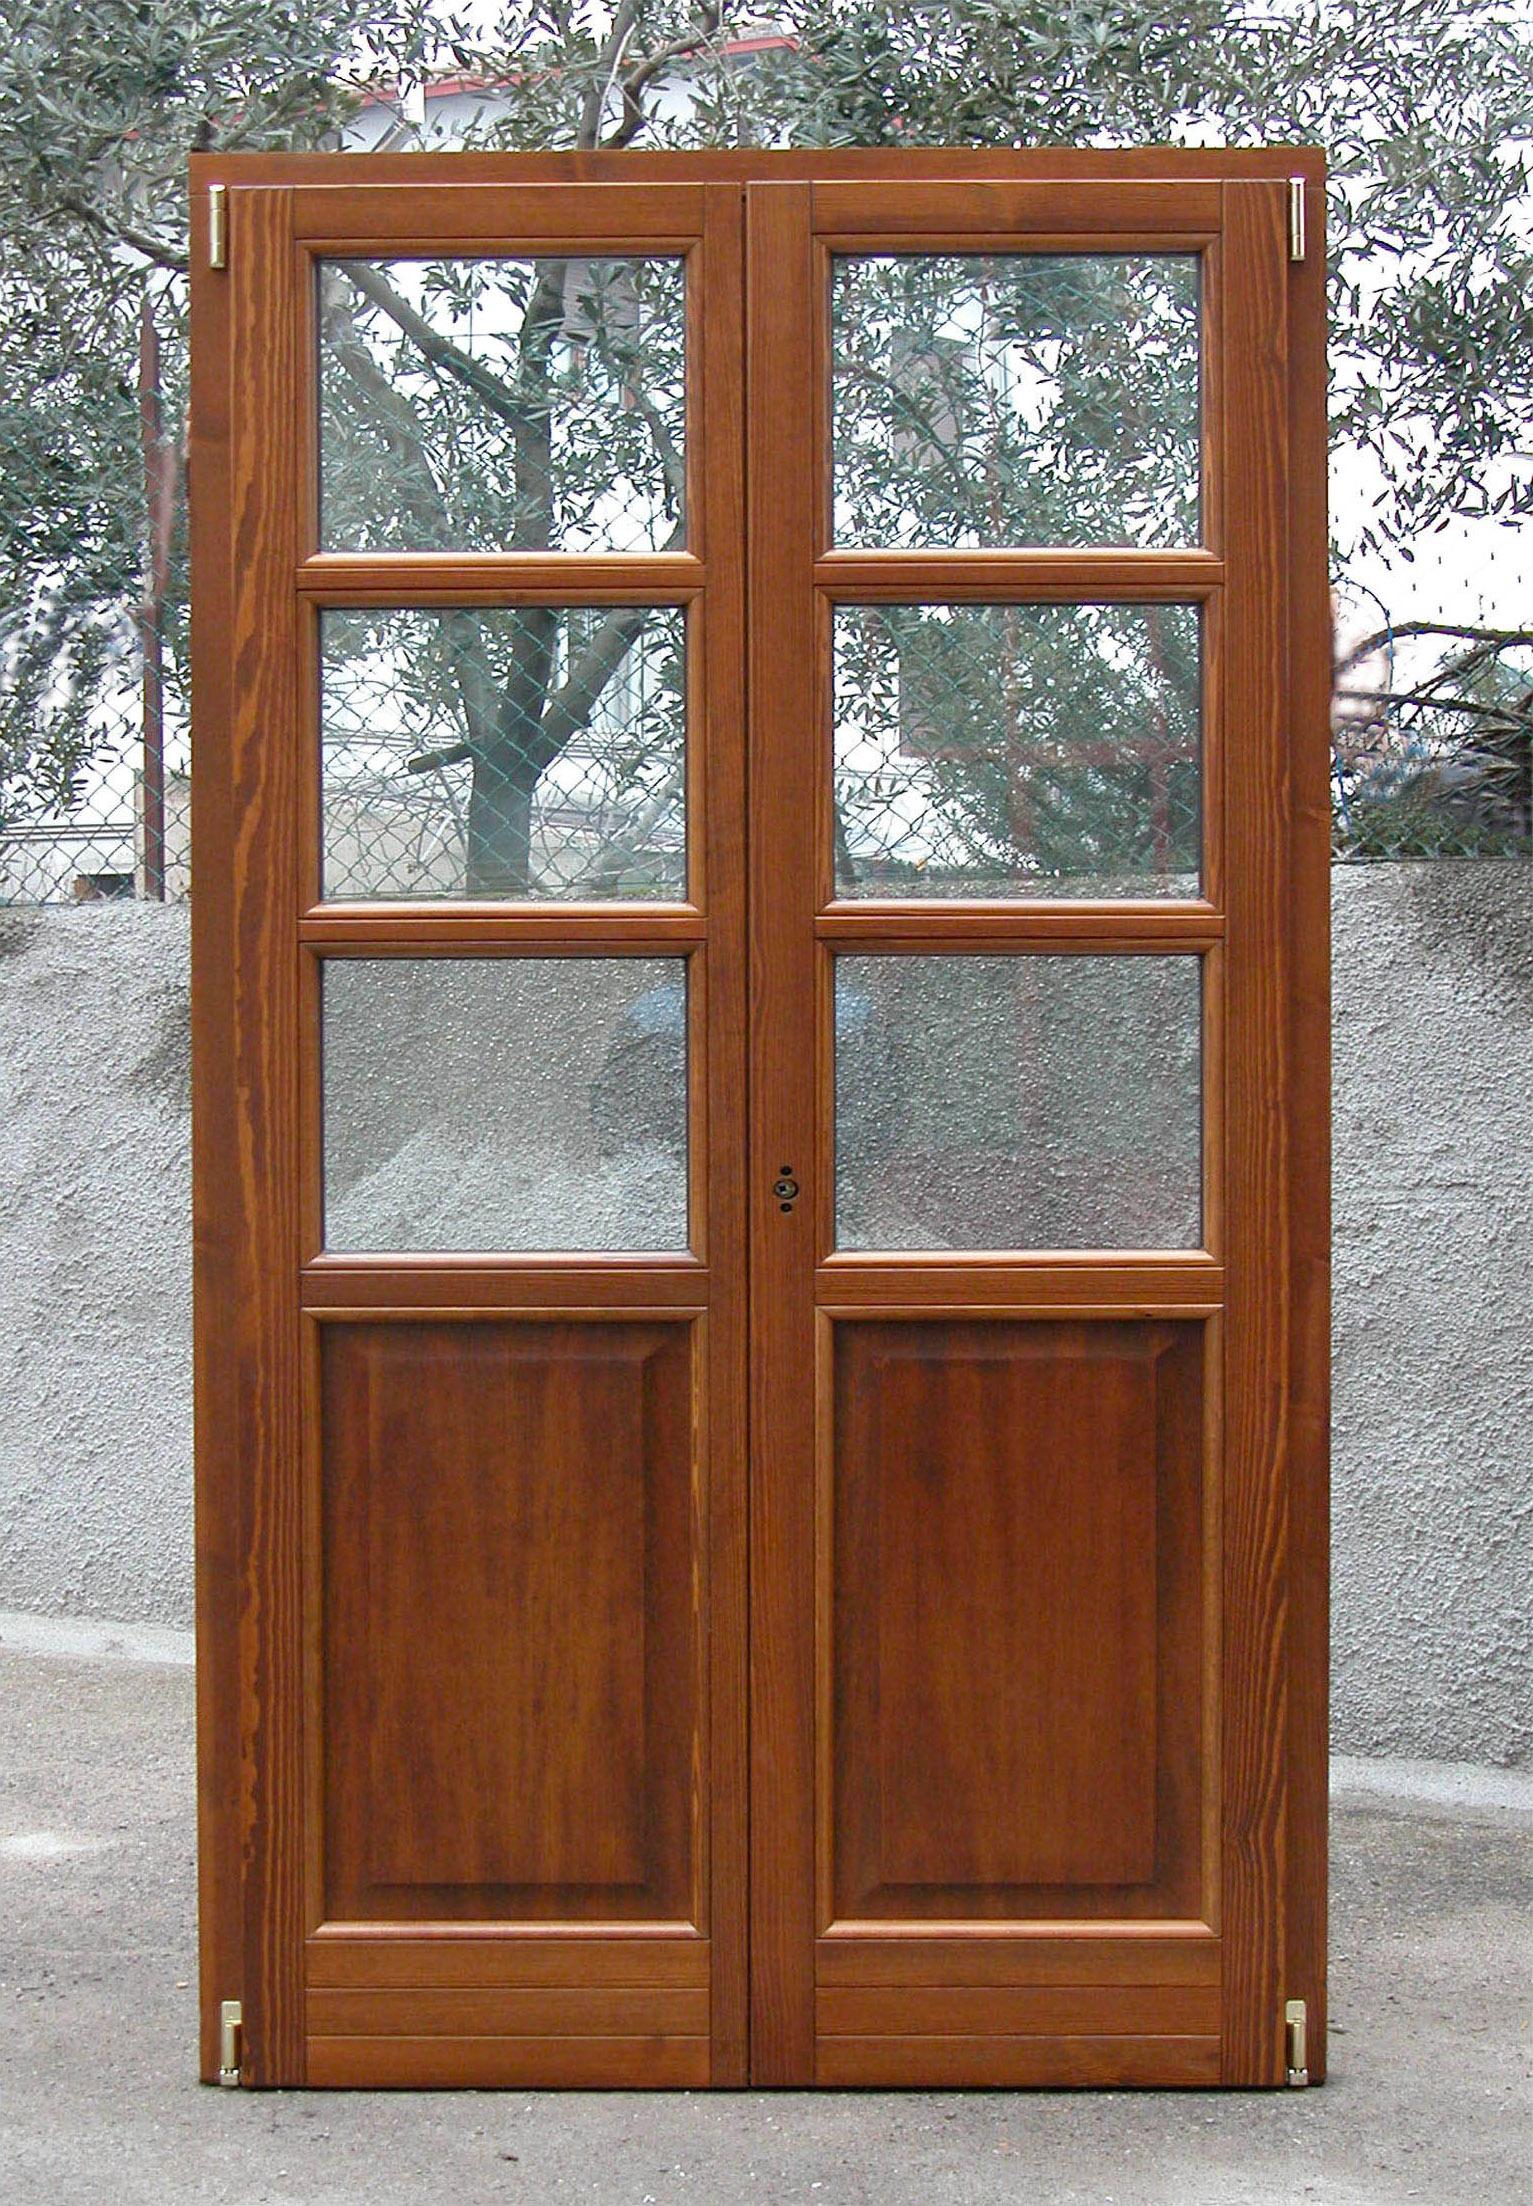 Pf2 porta finestra classica a due ante g tabarini - Porta finestra legno ...